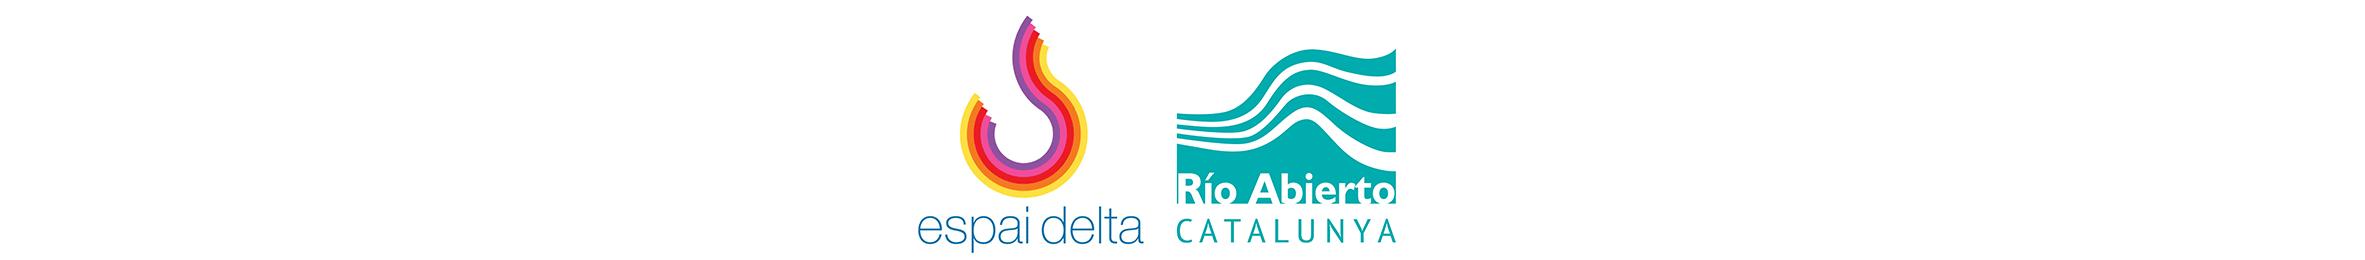 Río Abierto Catalunya